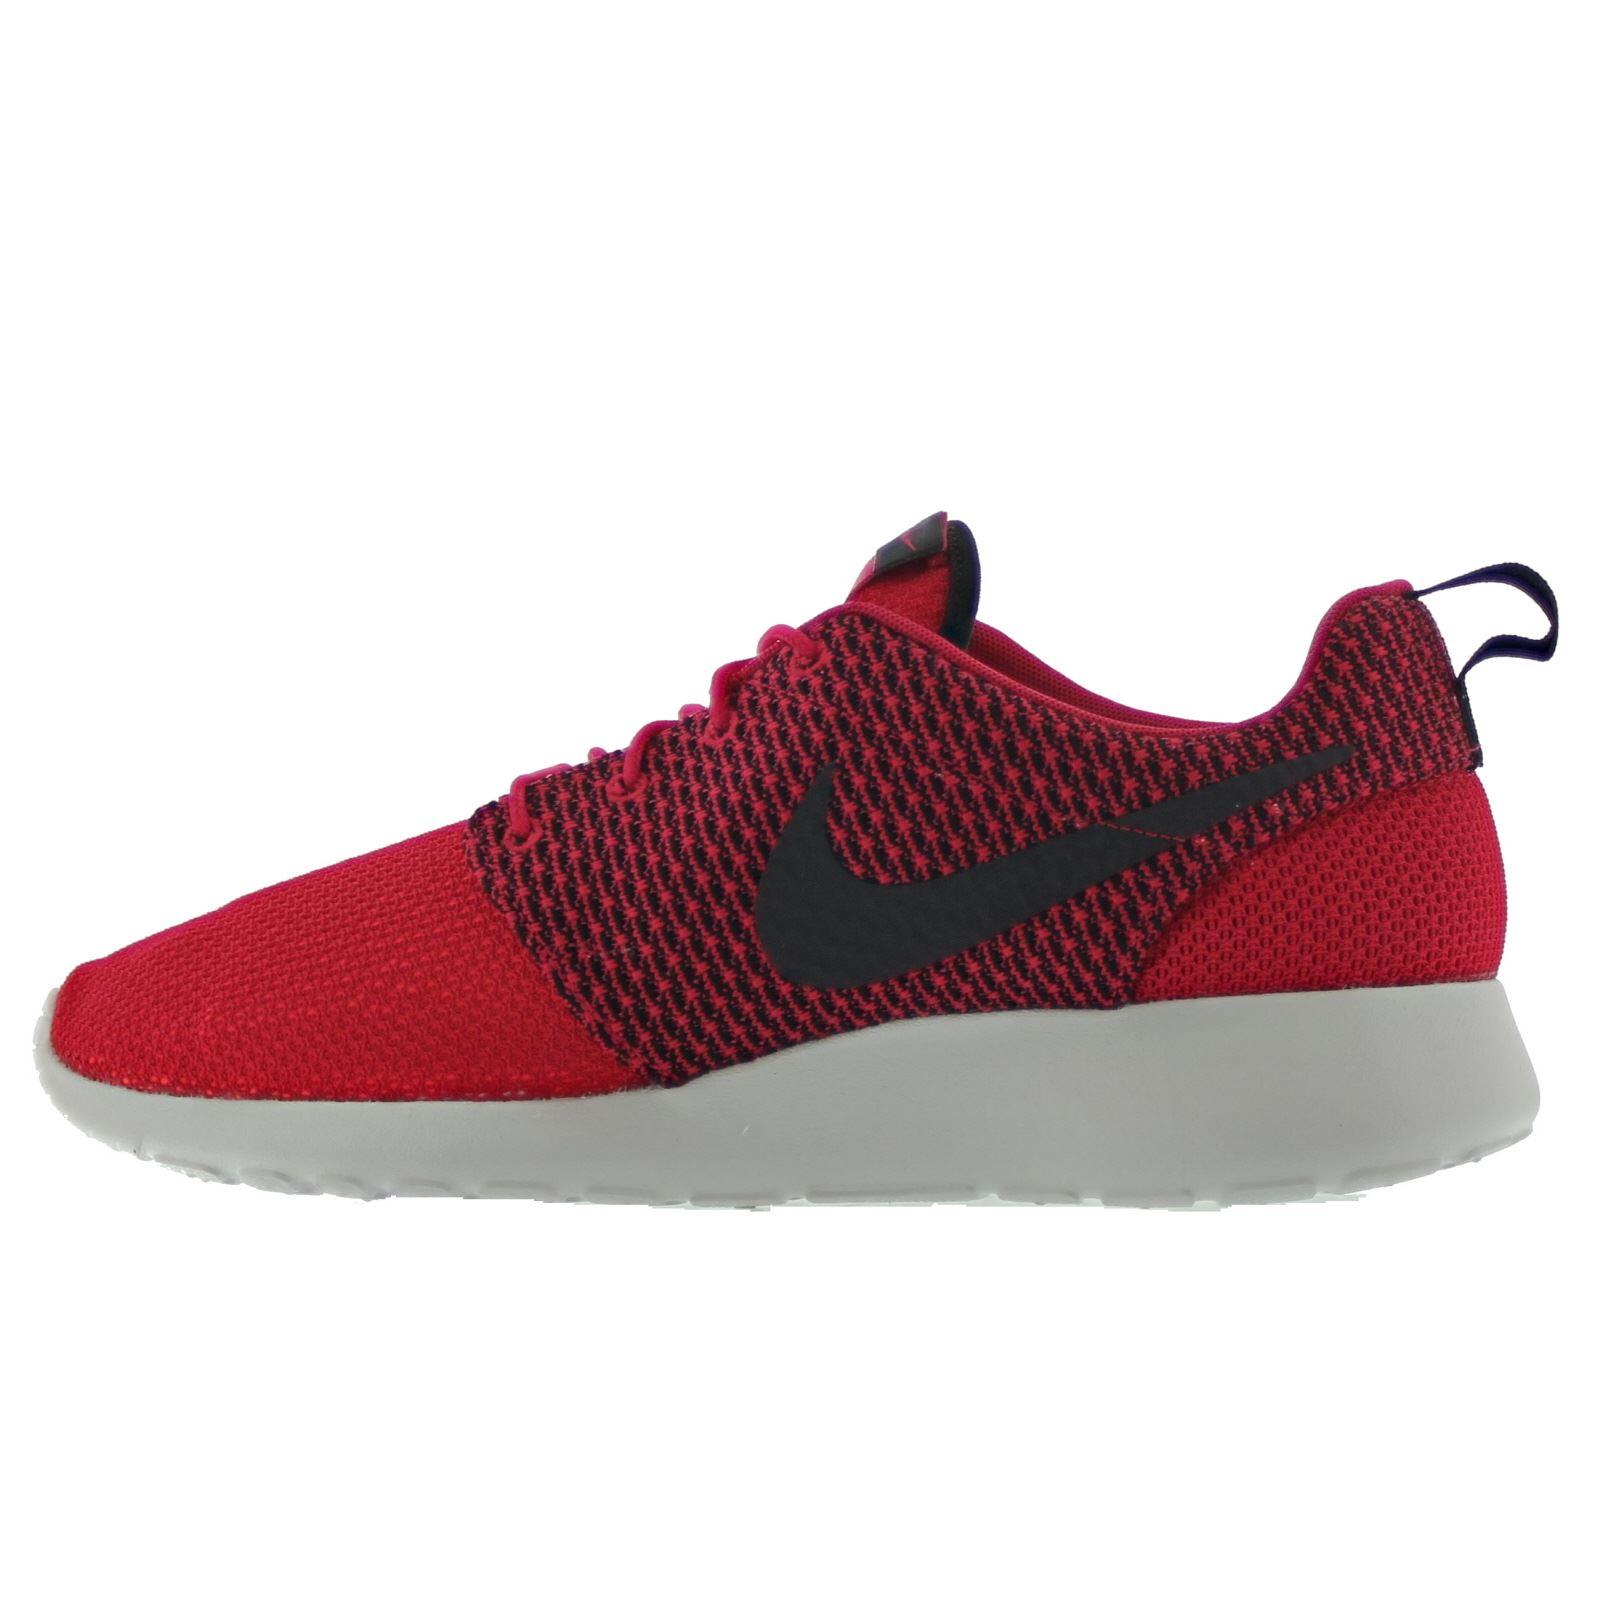 Nike Trainers Uk Ebay